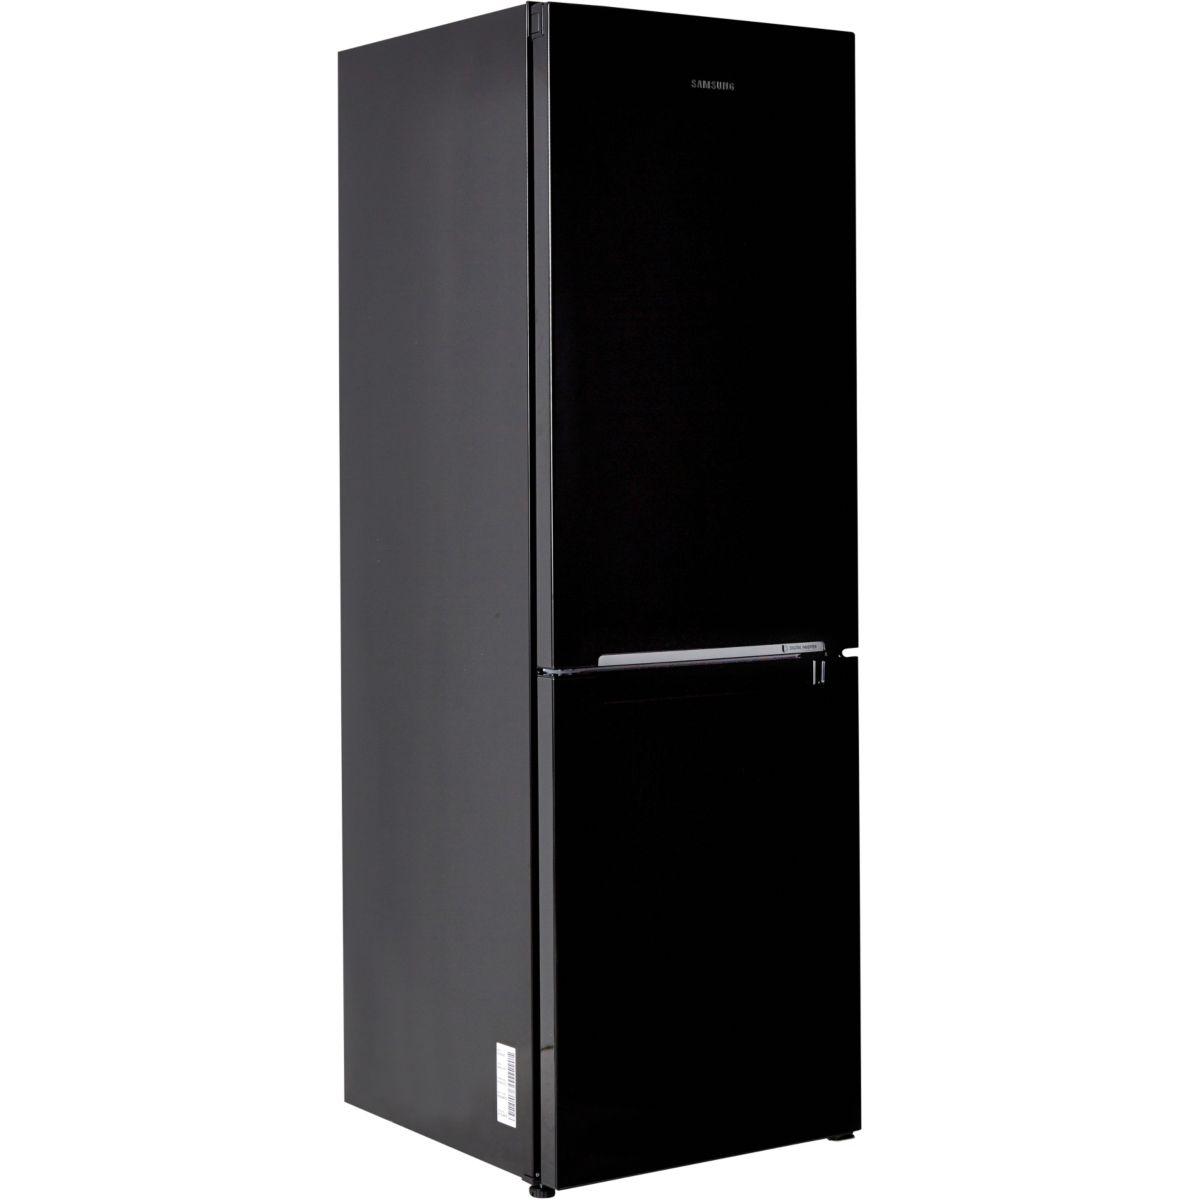 Réfrigérateur combiné SAMSUNG RB30J3000BC/EF